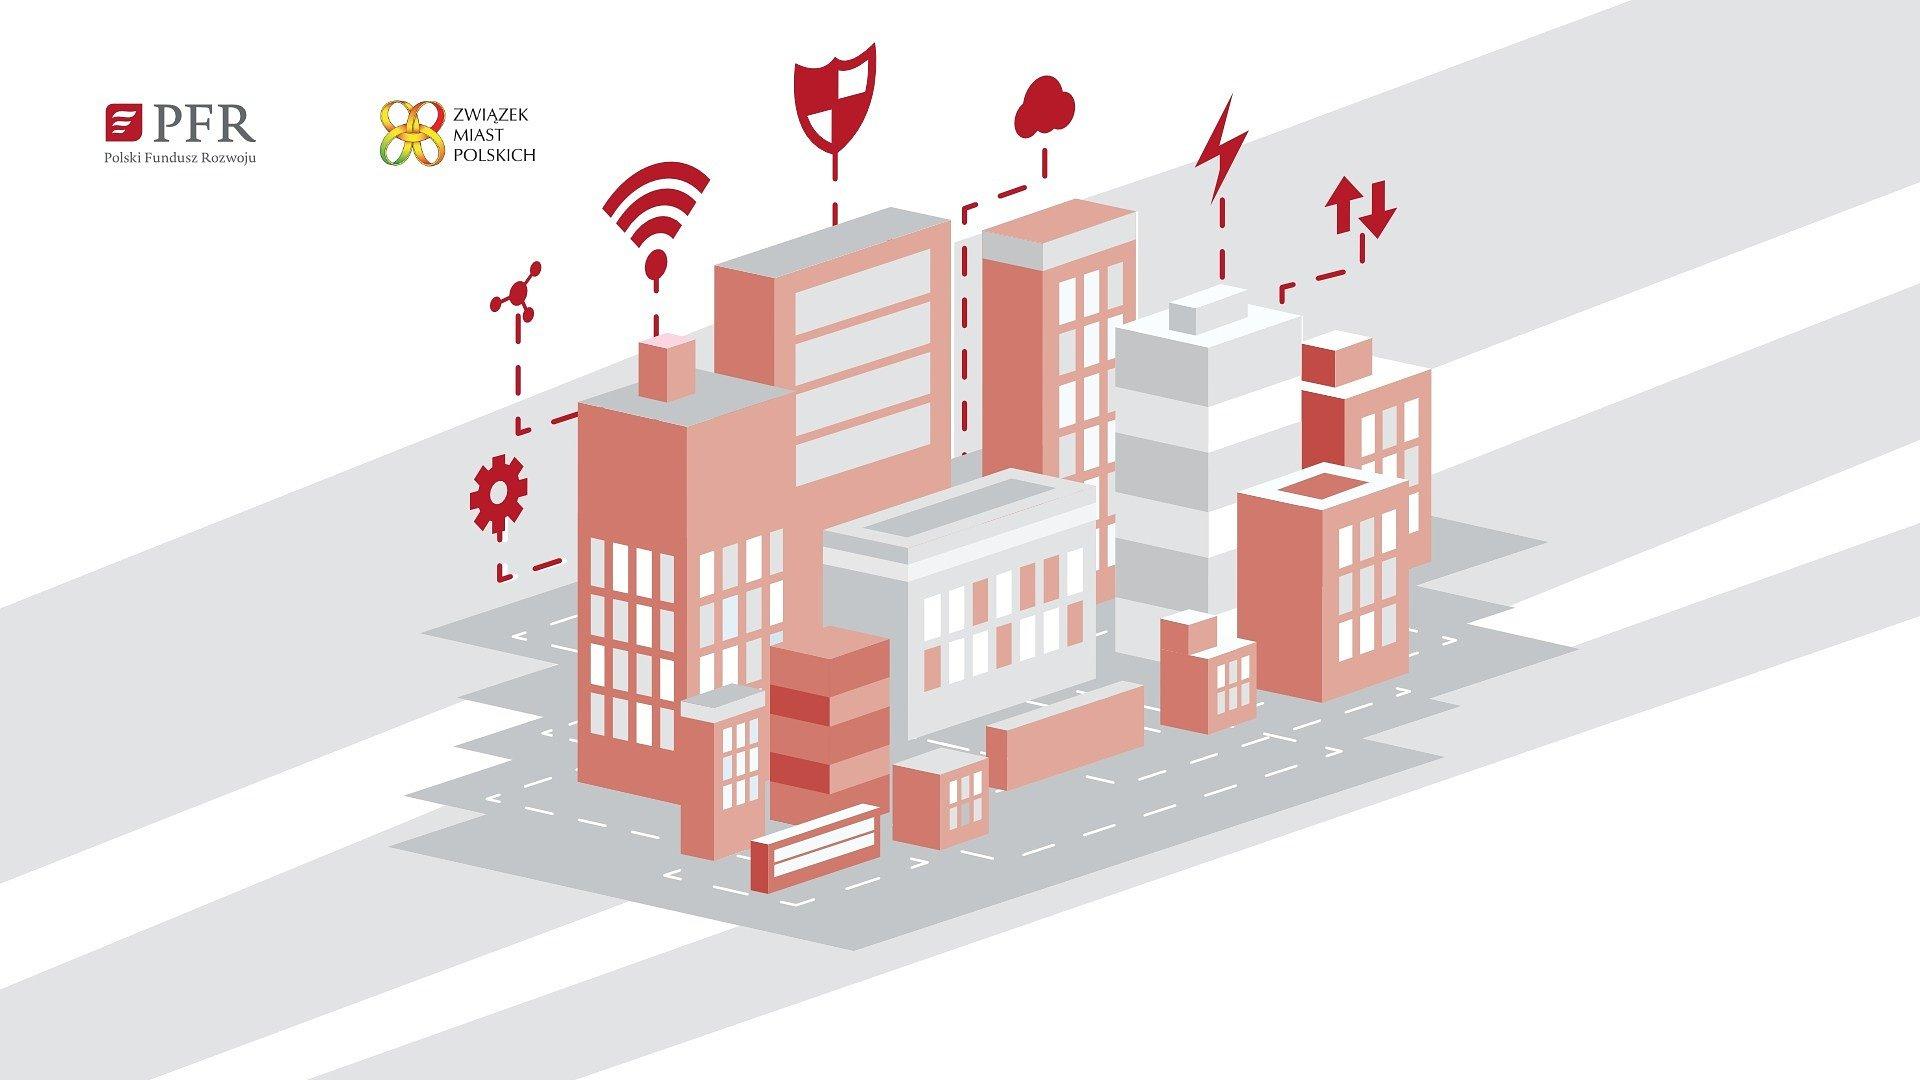 Antykryzysowa Platforma Rozwiązań Technologicznych dla Samorządów